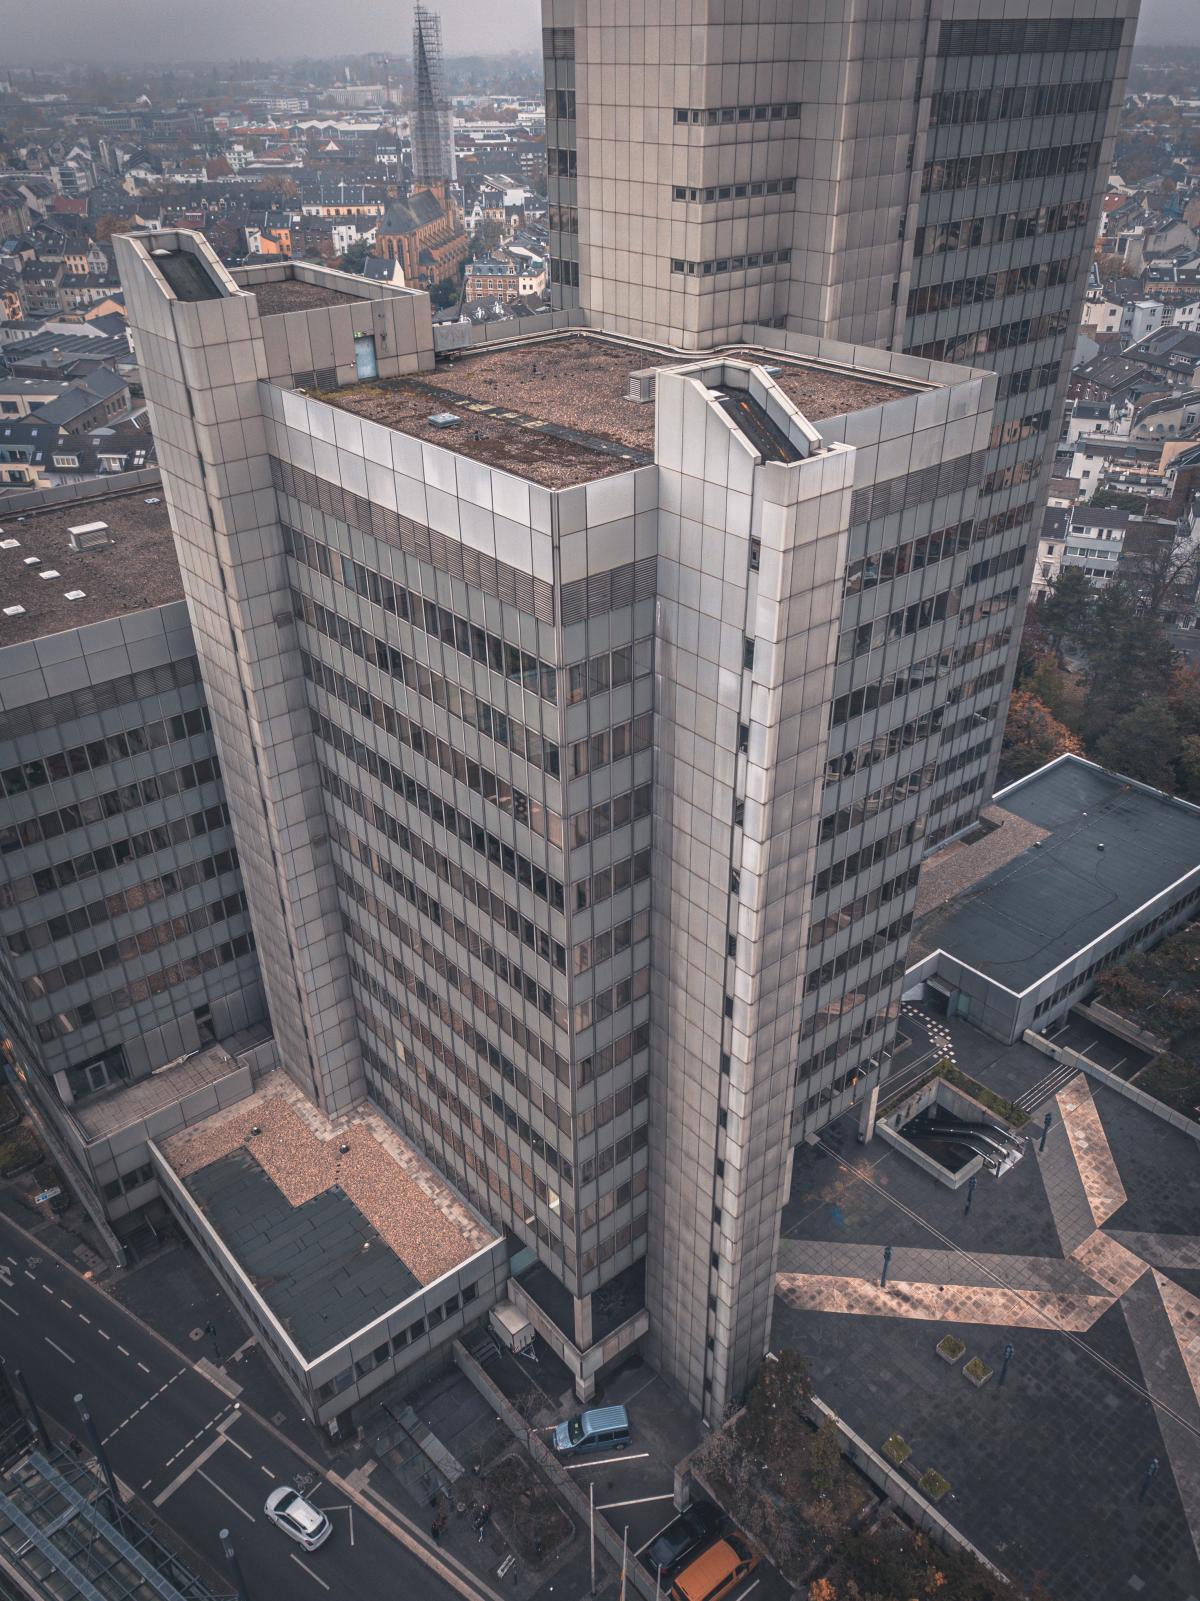 Skyscraper City Architecture #425980